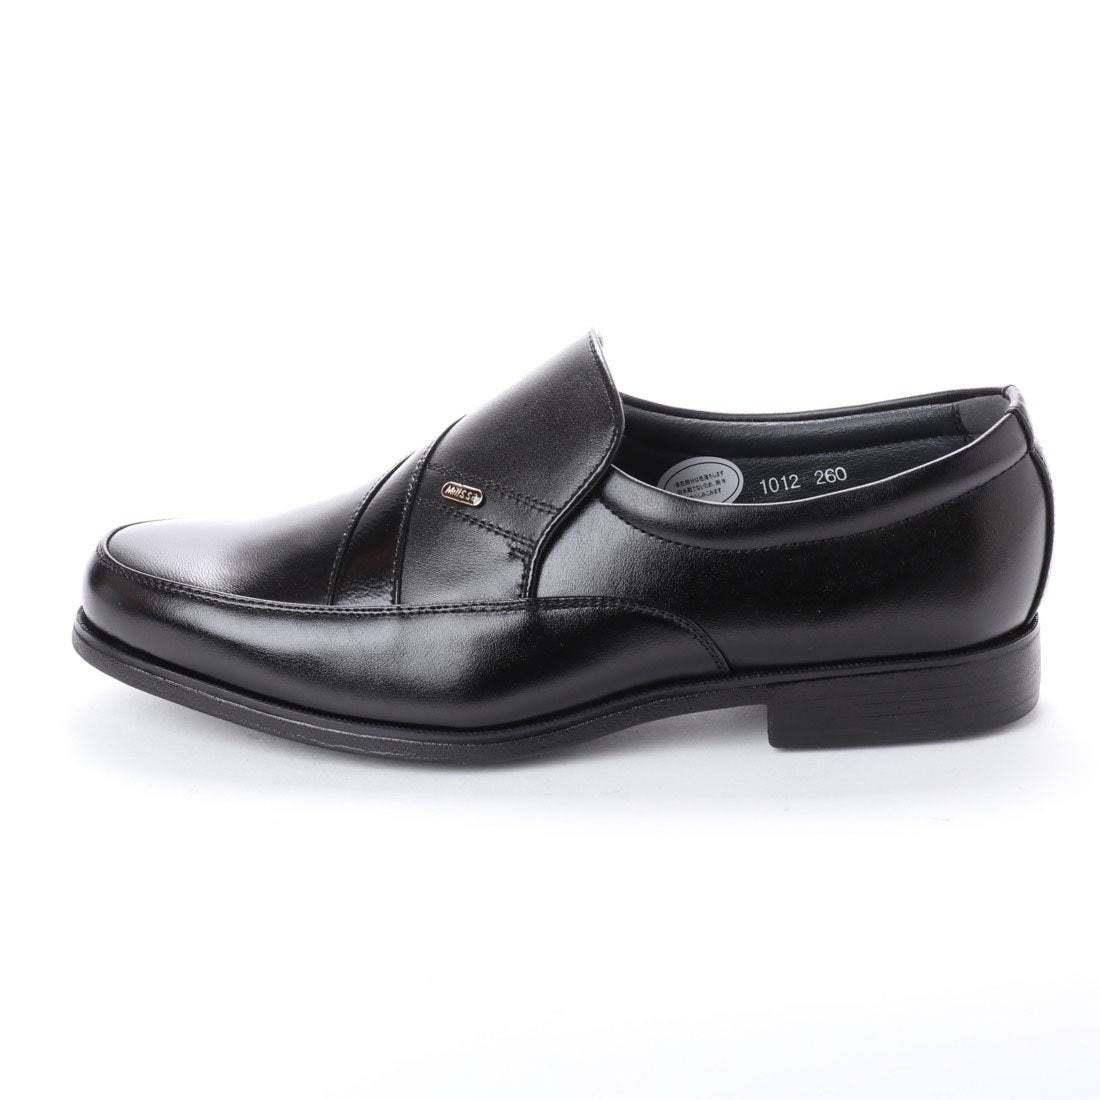 【安い】 超軽量 紳士靴 メンズ ビジネスシューズ スリッポン ウォーキングシューズ 幅広 4E 抗菌 防臭 1012 ブラック 黒 24.0cm